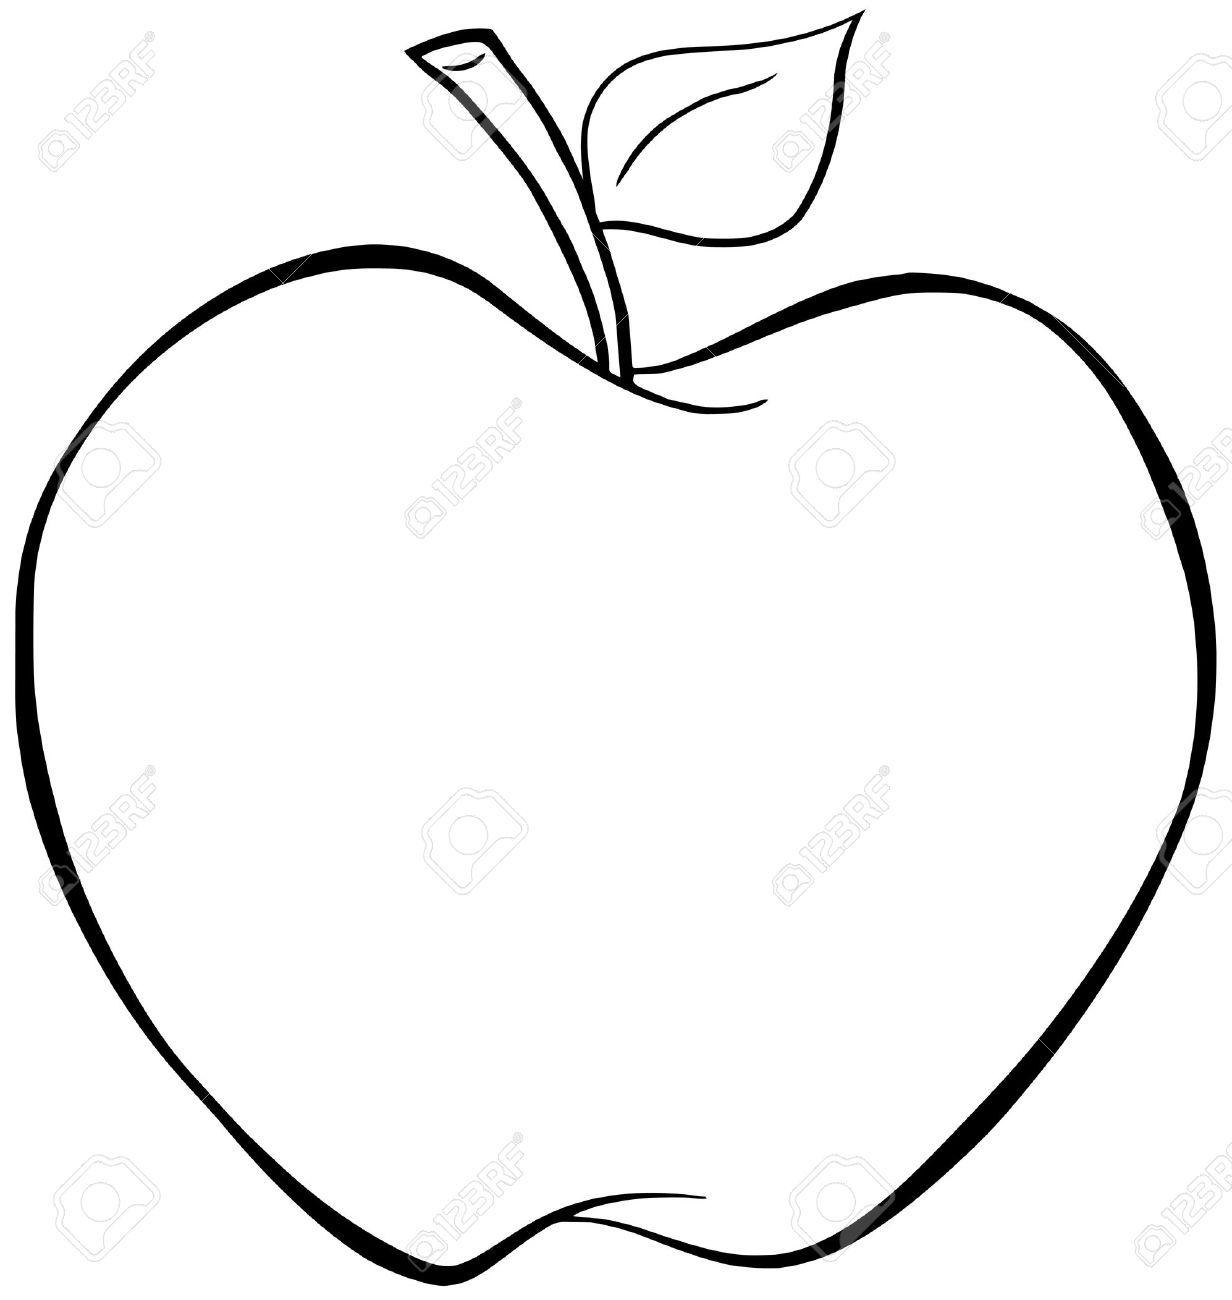 Pomme dessin noir et blanc recherche google pomme - Dessin pomme apple ...